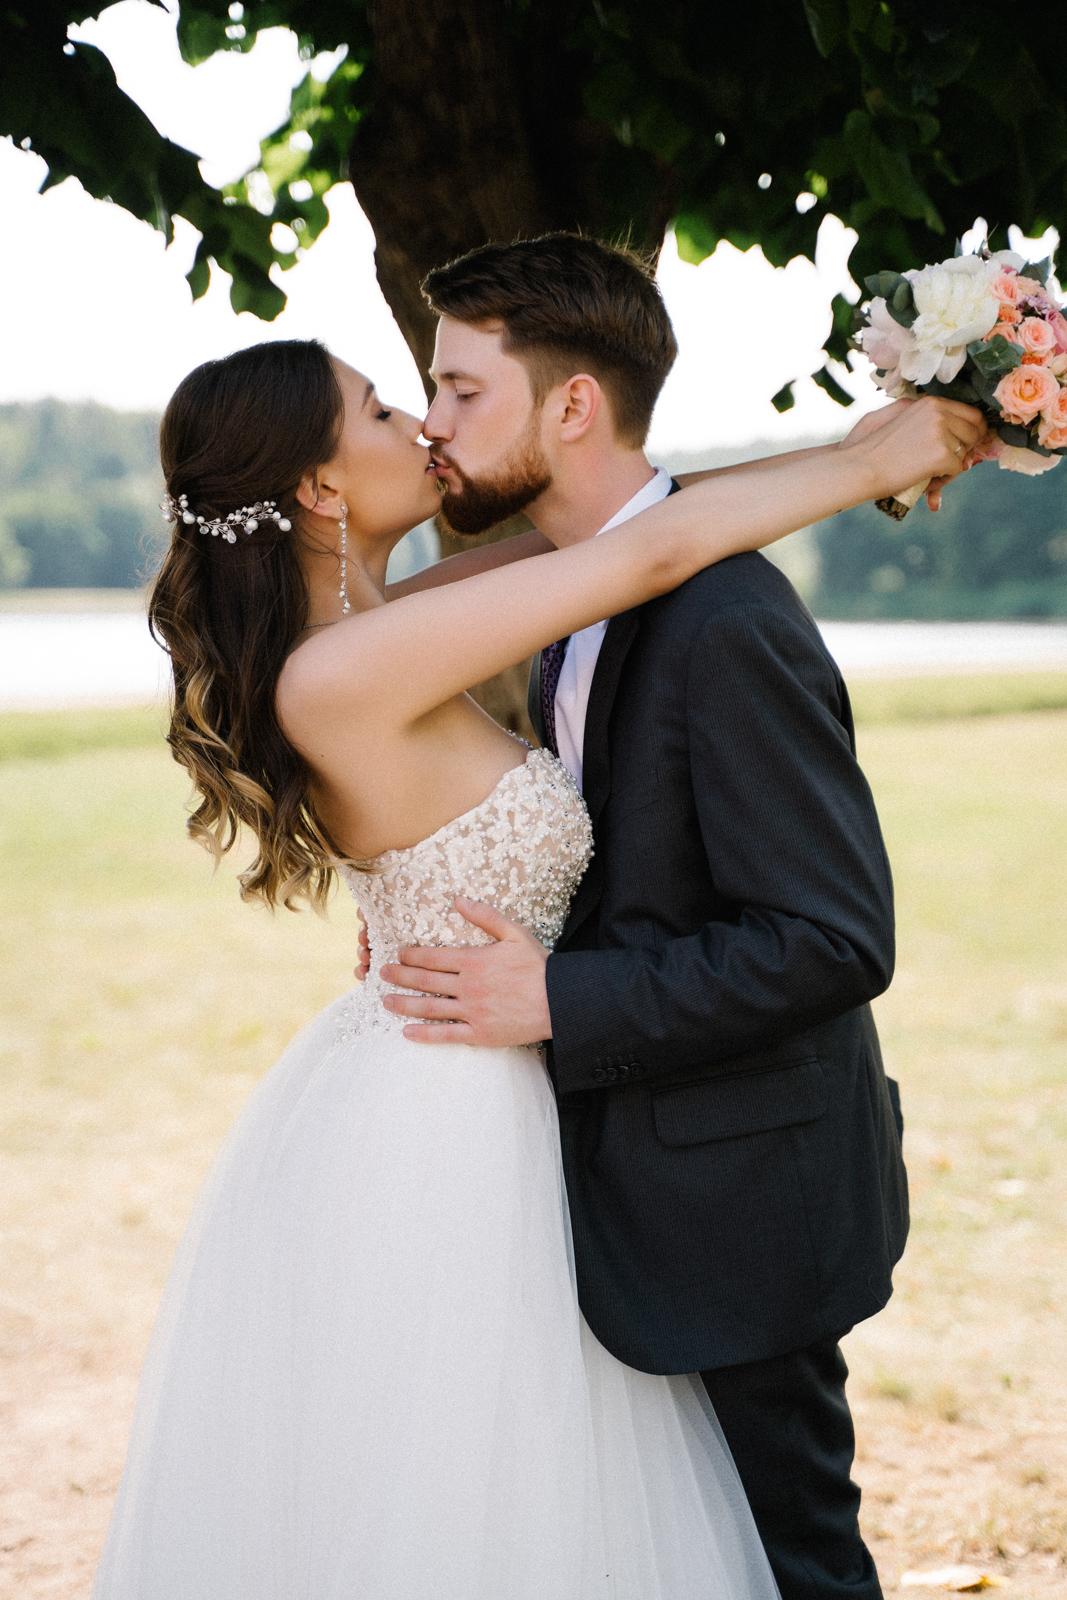 Самые нежные поцелуи! - Фотограф Виктория Куприна